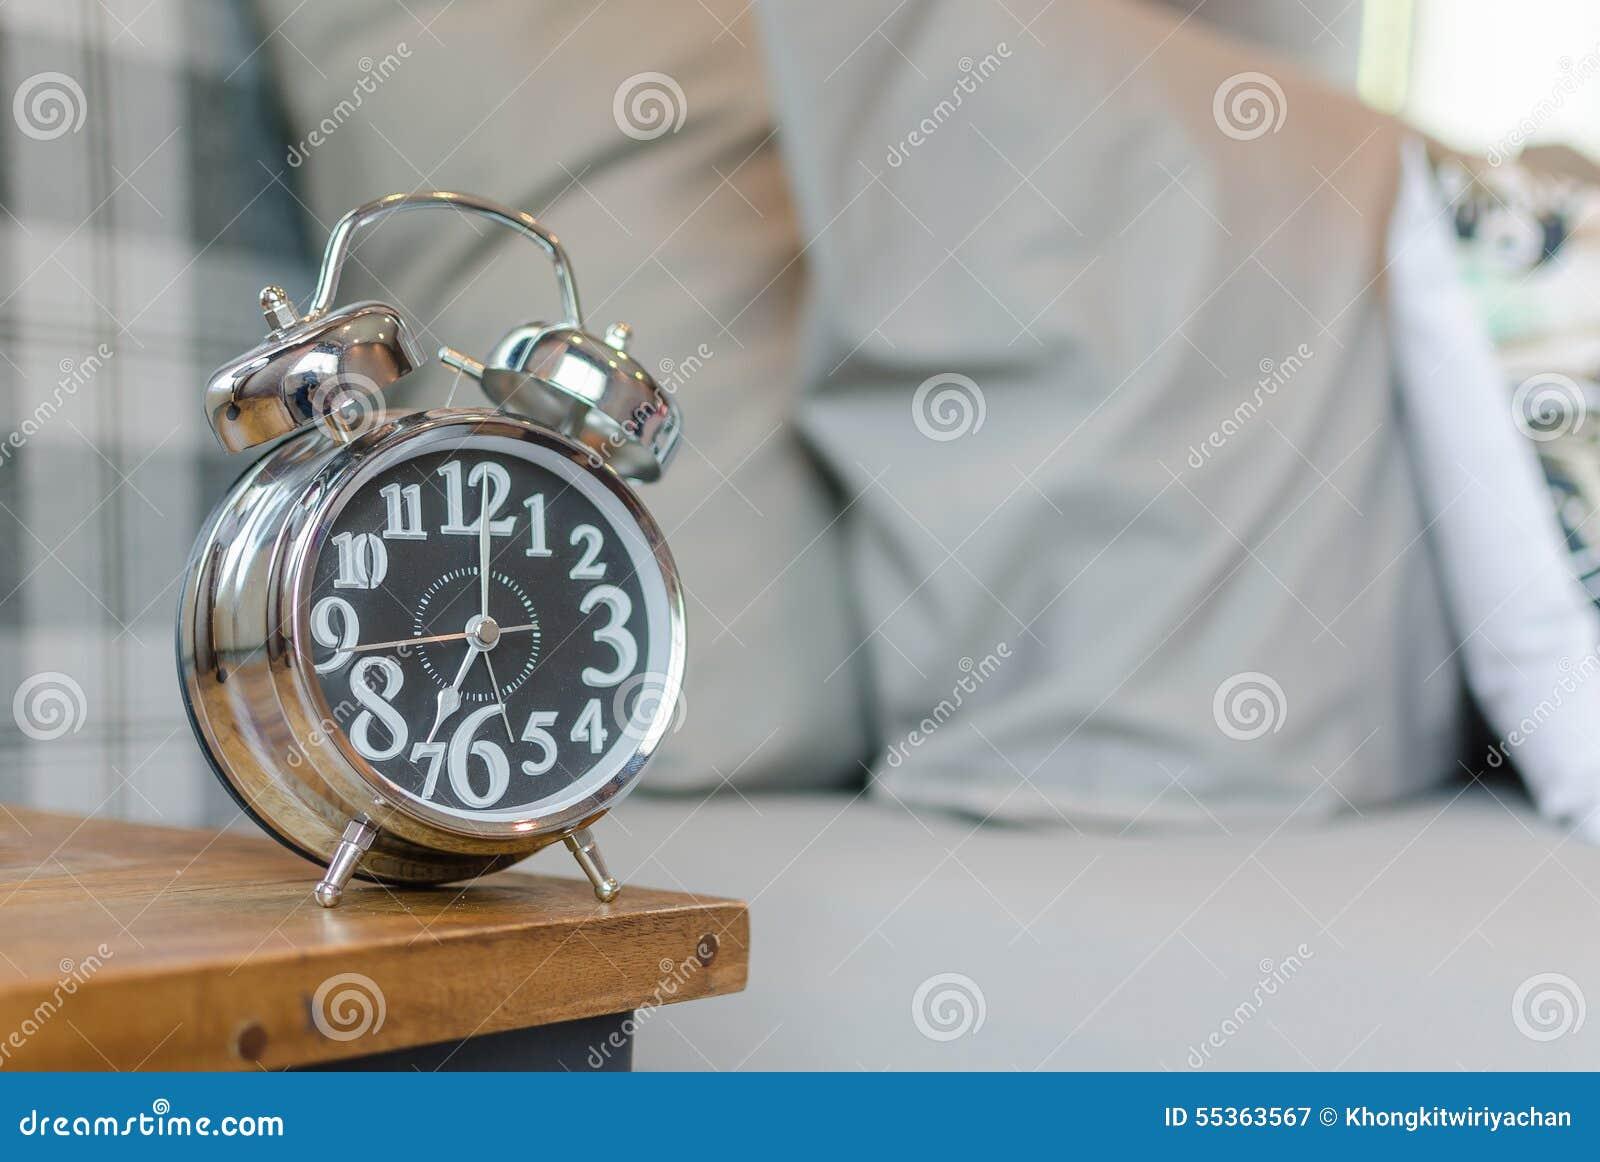 Sveglia classica di stile sulla tavola di legno in camera da letto